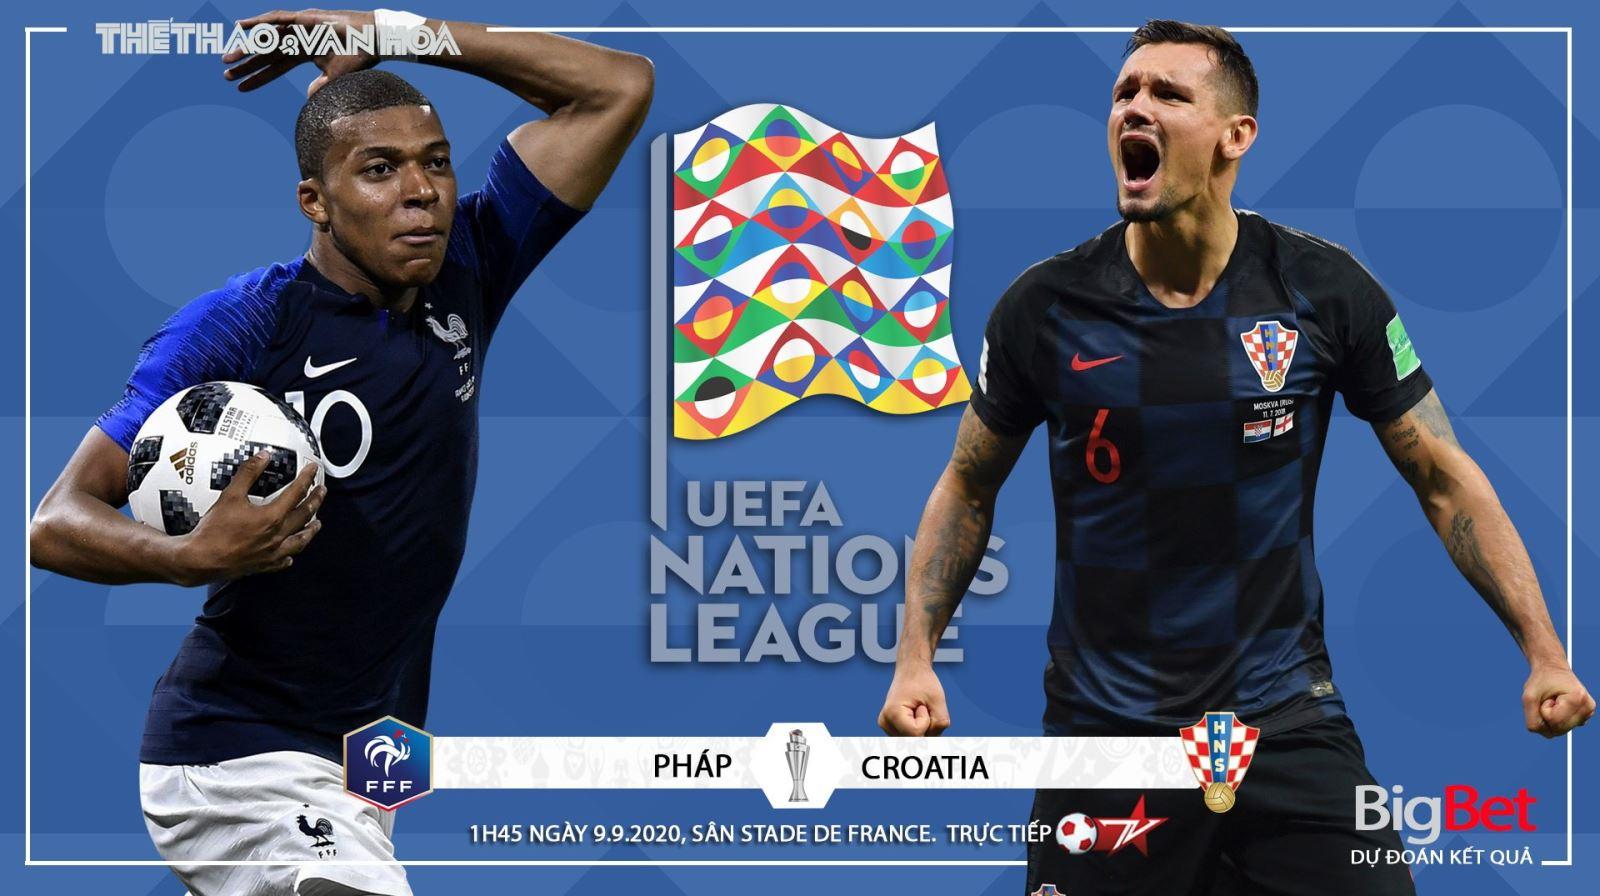 Soi kèo nhà cái Pháp vsCroatia. UEFA Nations League 2020/2021. Trực tiếp BĐTV